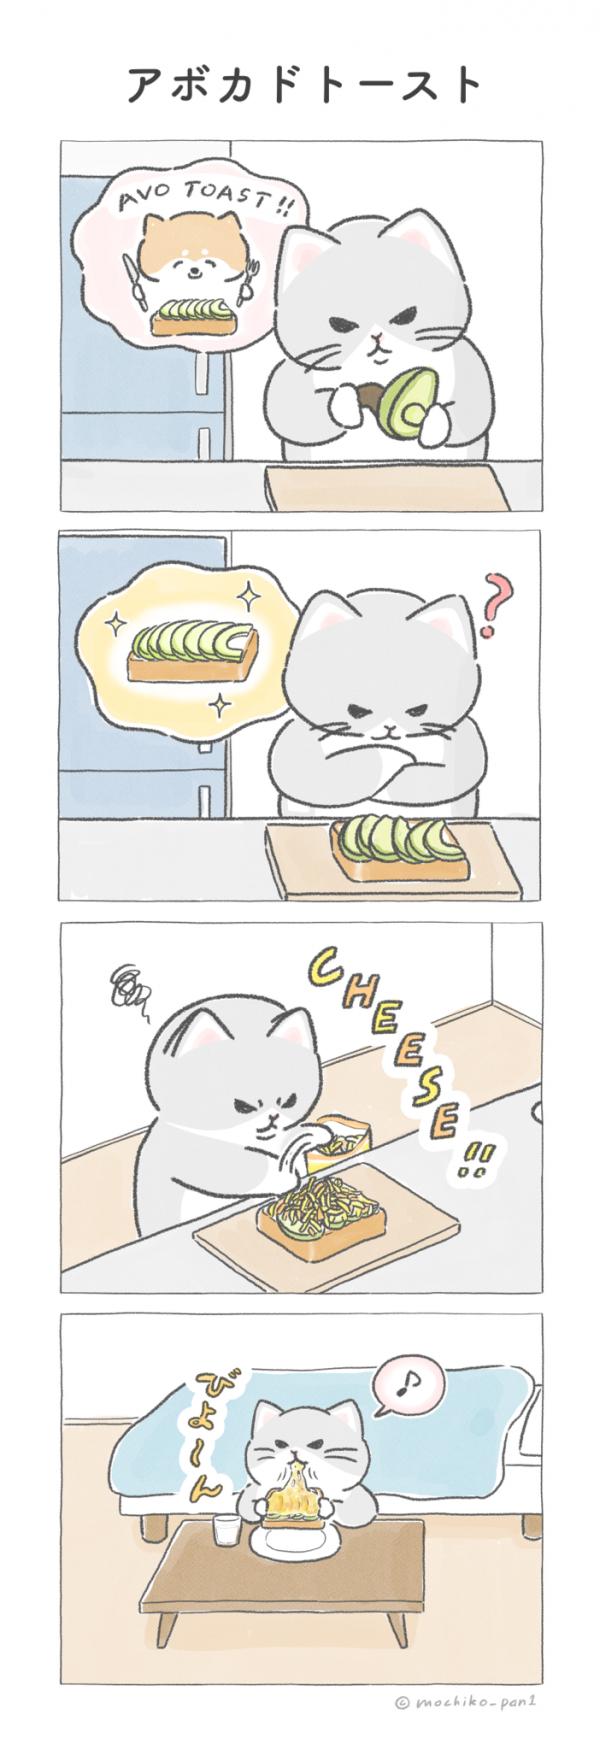 【四コマ漫画】vol.6「アボカドトースト」|おはよう!おしばと愉快な仲間たち